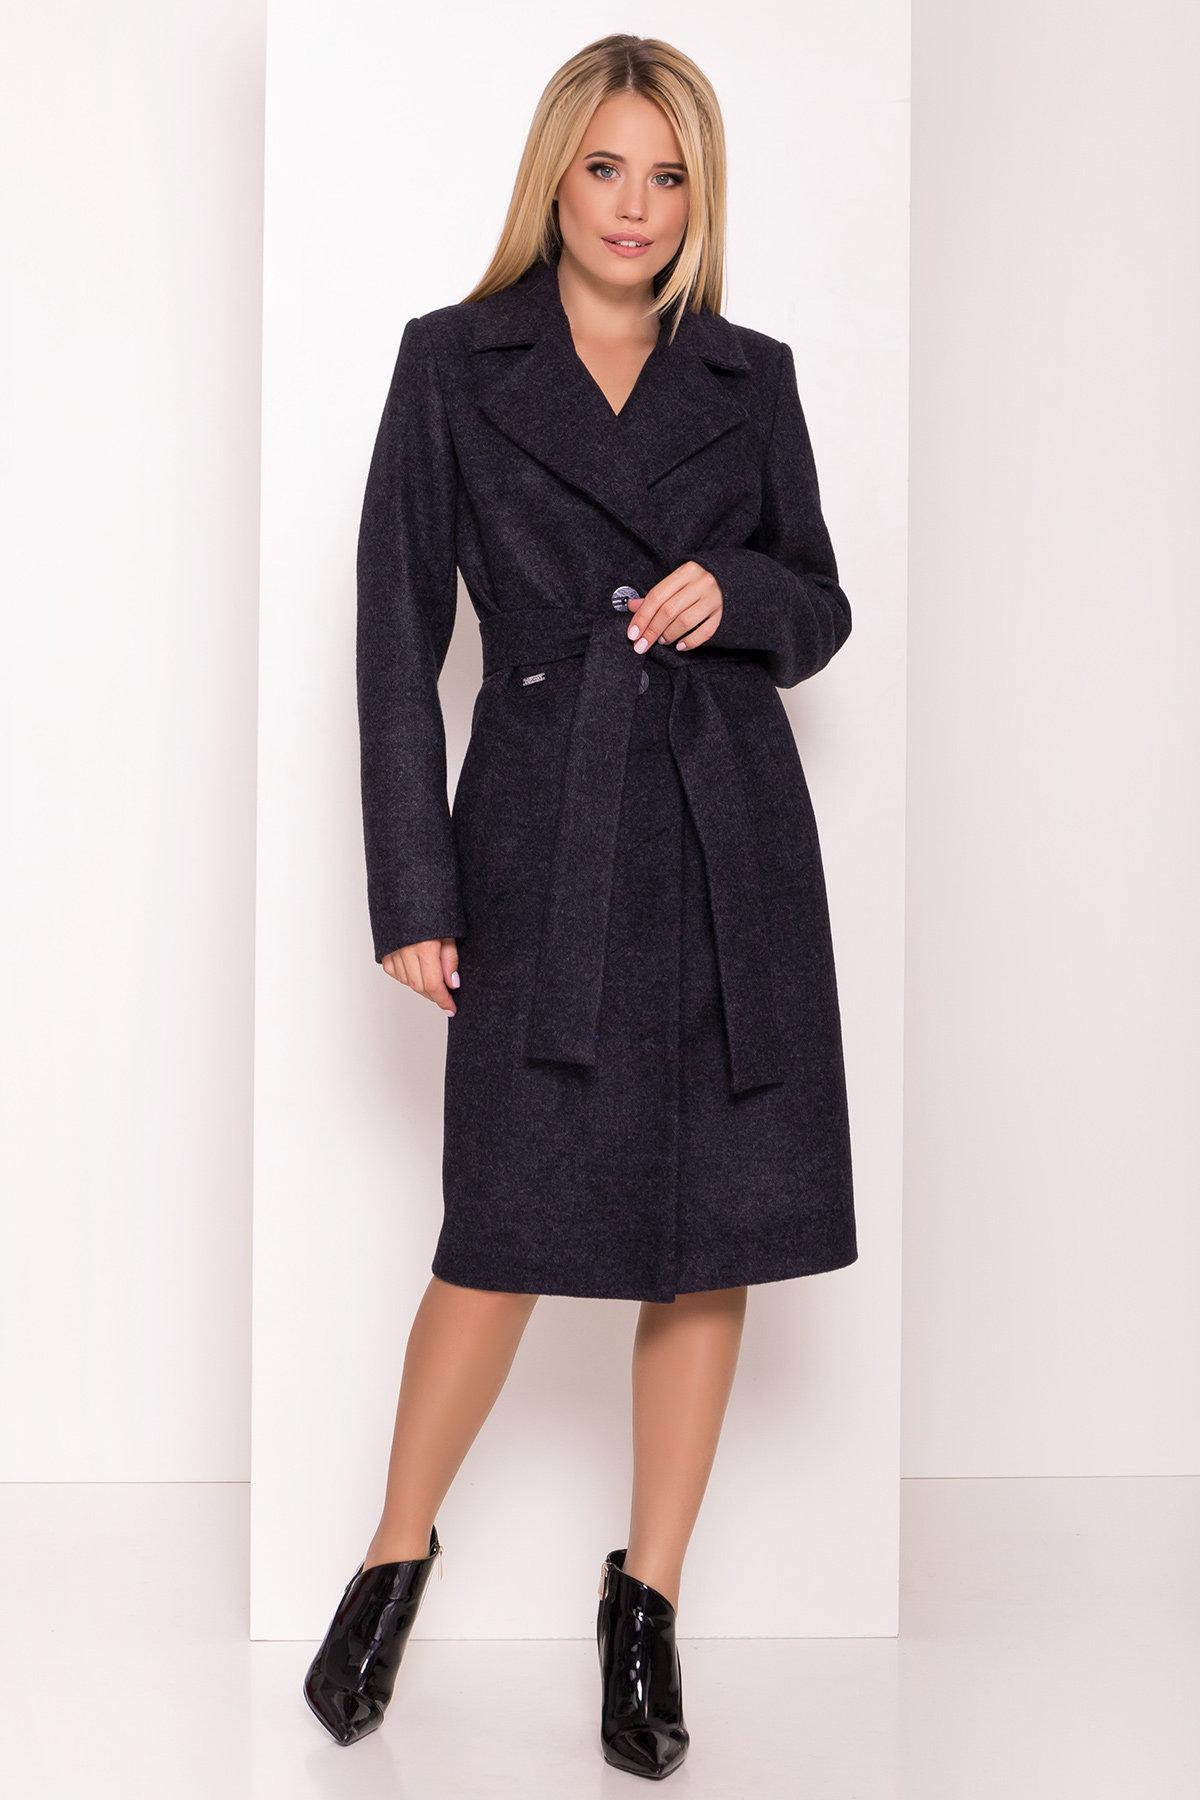 Купить пальто женское демисезонное от Modus Пальто Габриэлла 7878